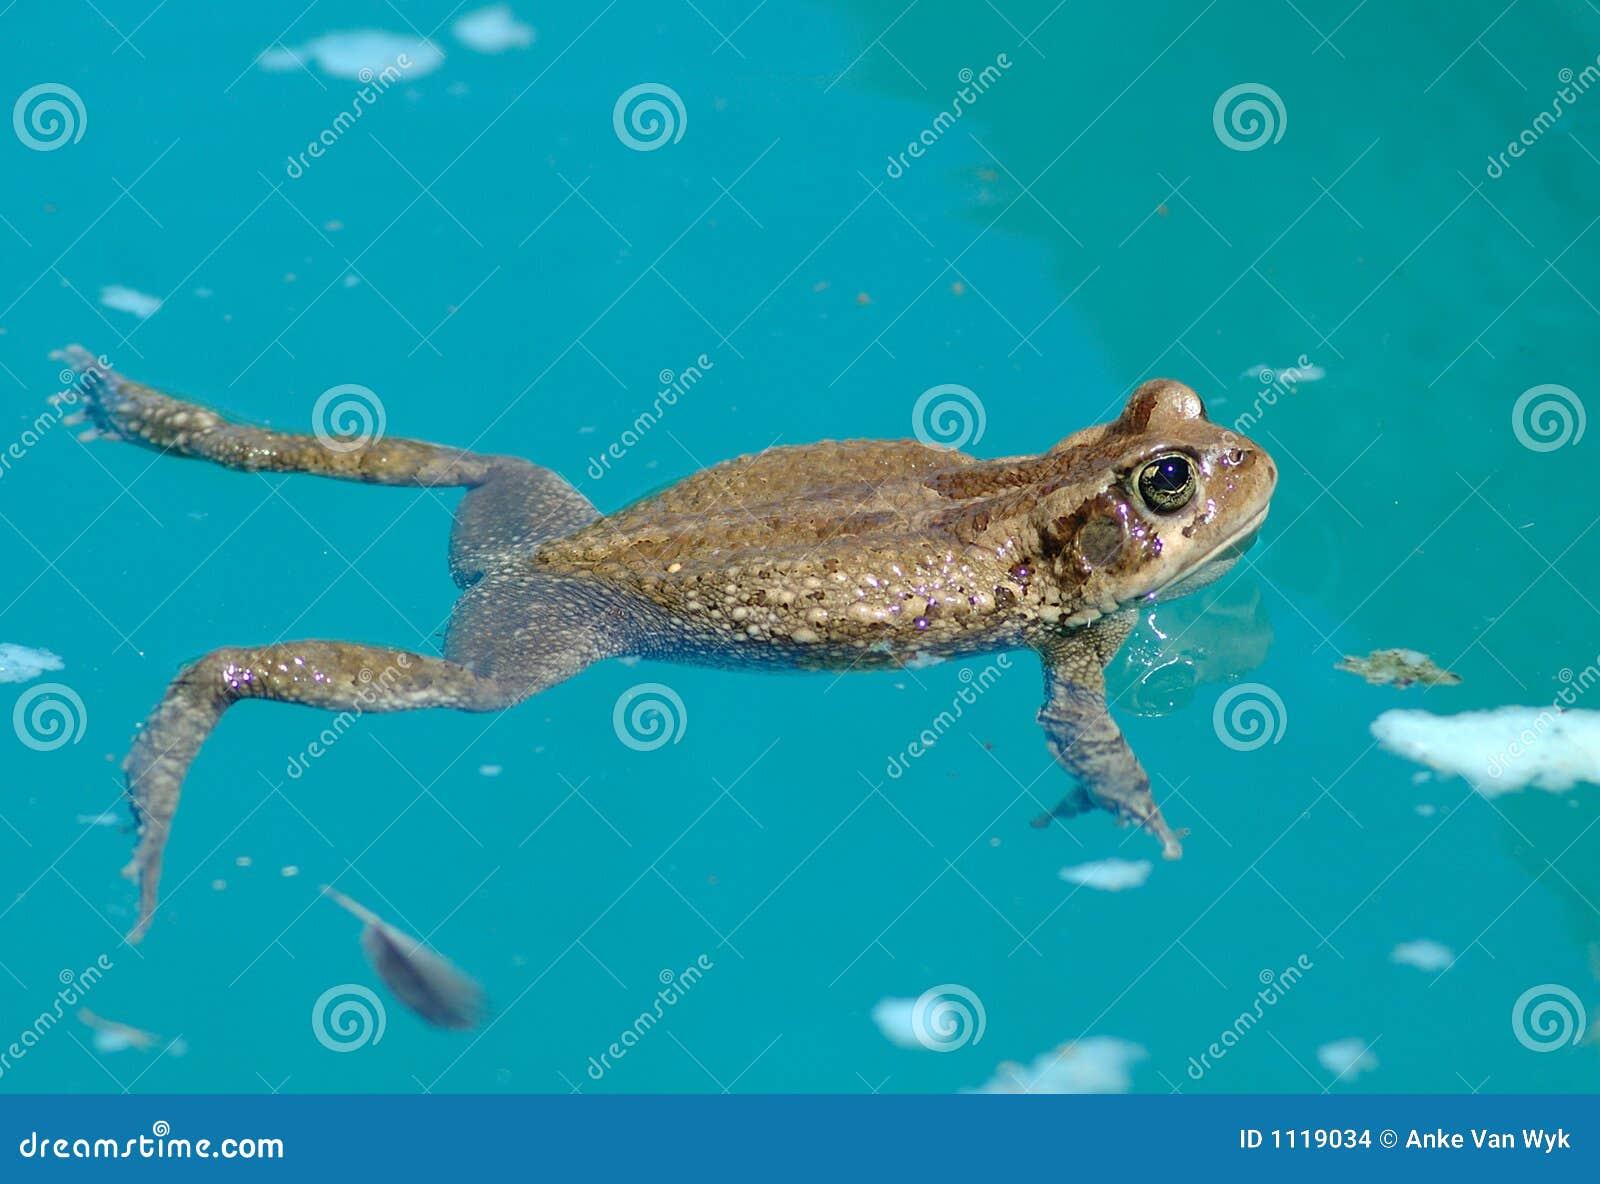 青蛙充分的gewone laevis一点其他户外platanna池爬行动物游泳等待的图片